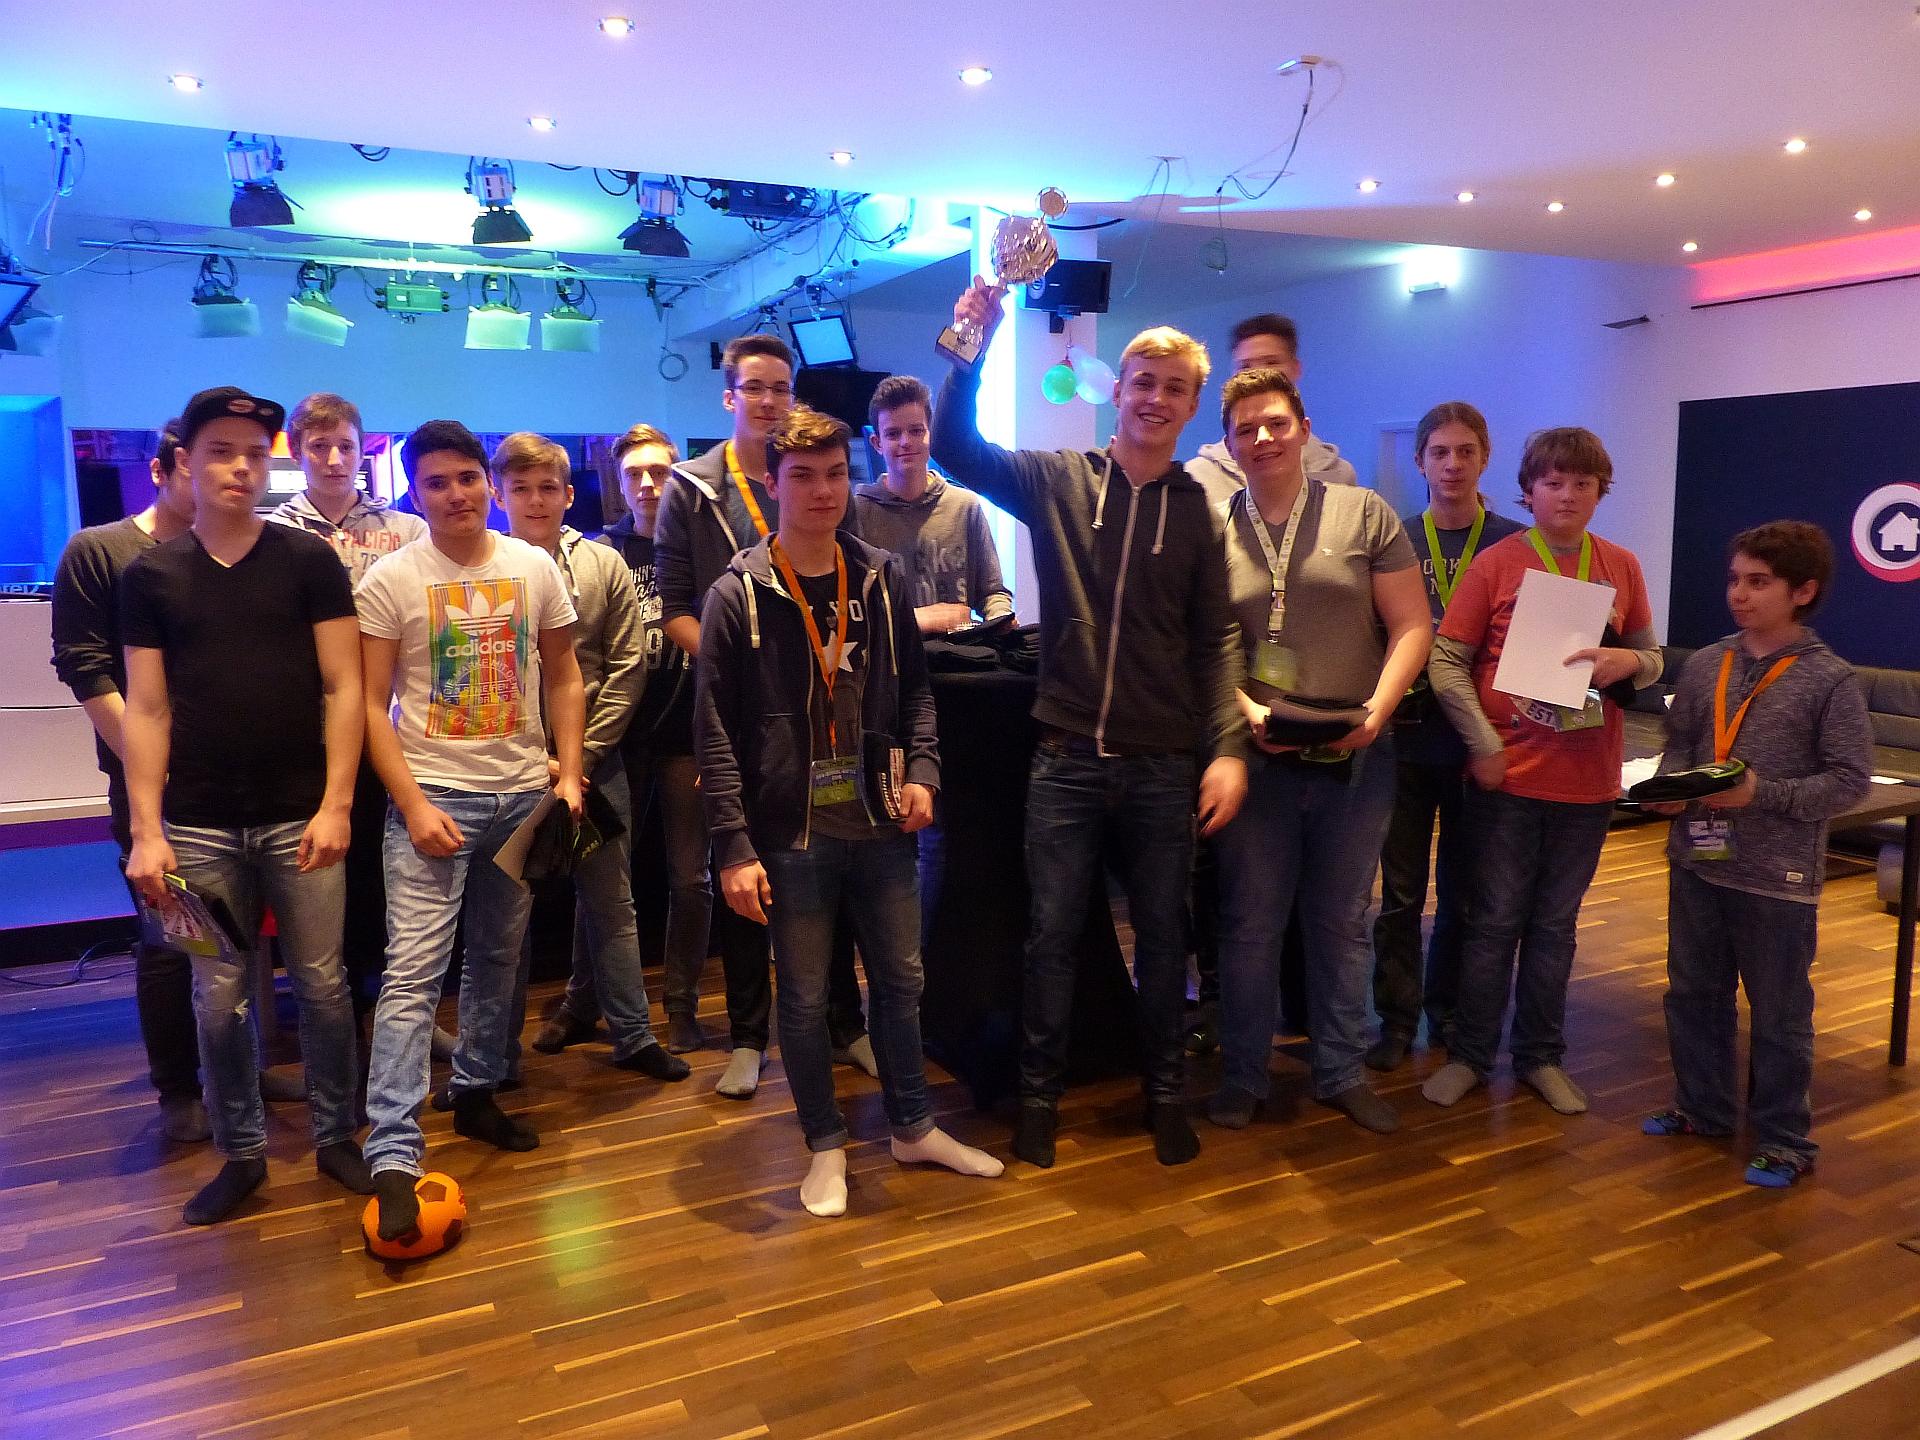 Siegerehrung des FiFa-School-Battle 2016: Gewinner wurde das Team MonTOREssori um Kapitän Lukas Zöller (Foto: Foto: Mediothek, Martin Kramer)